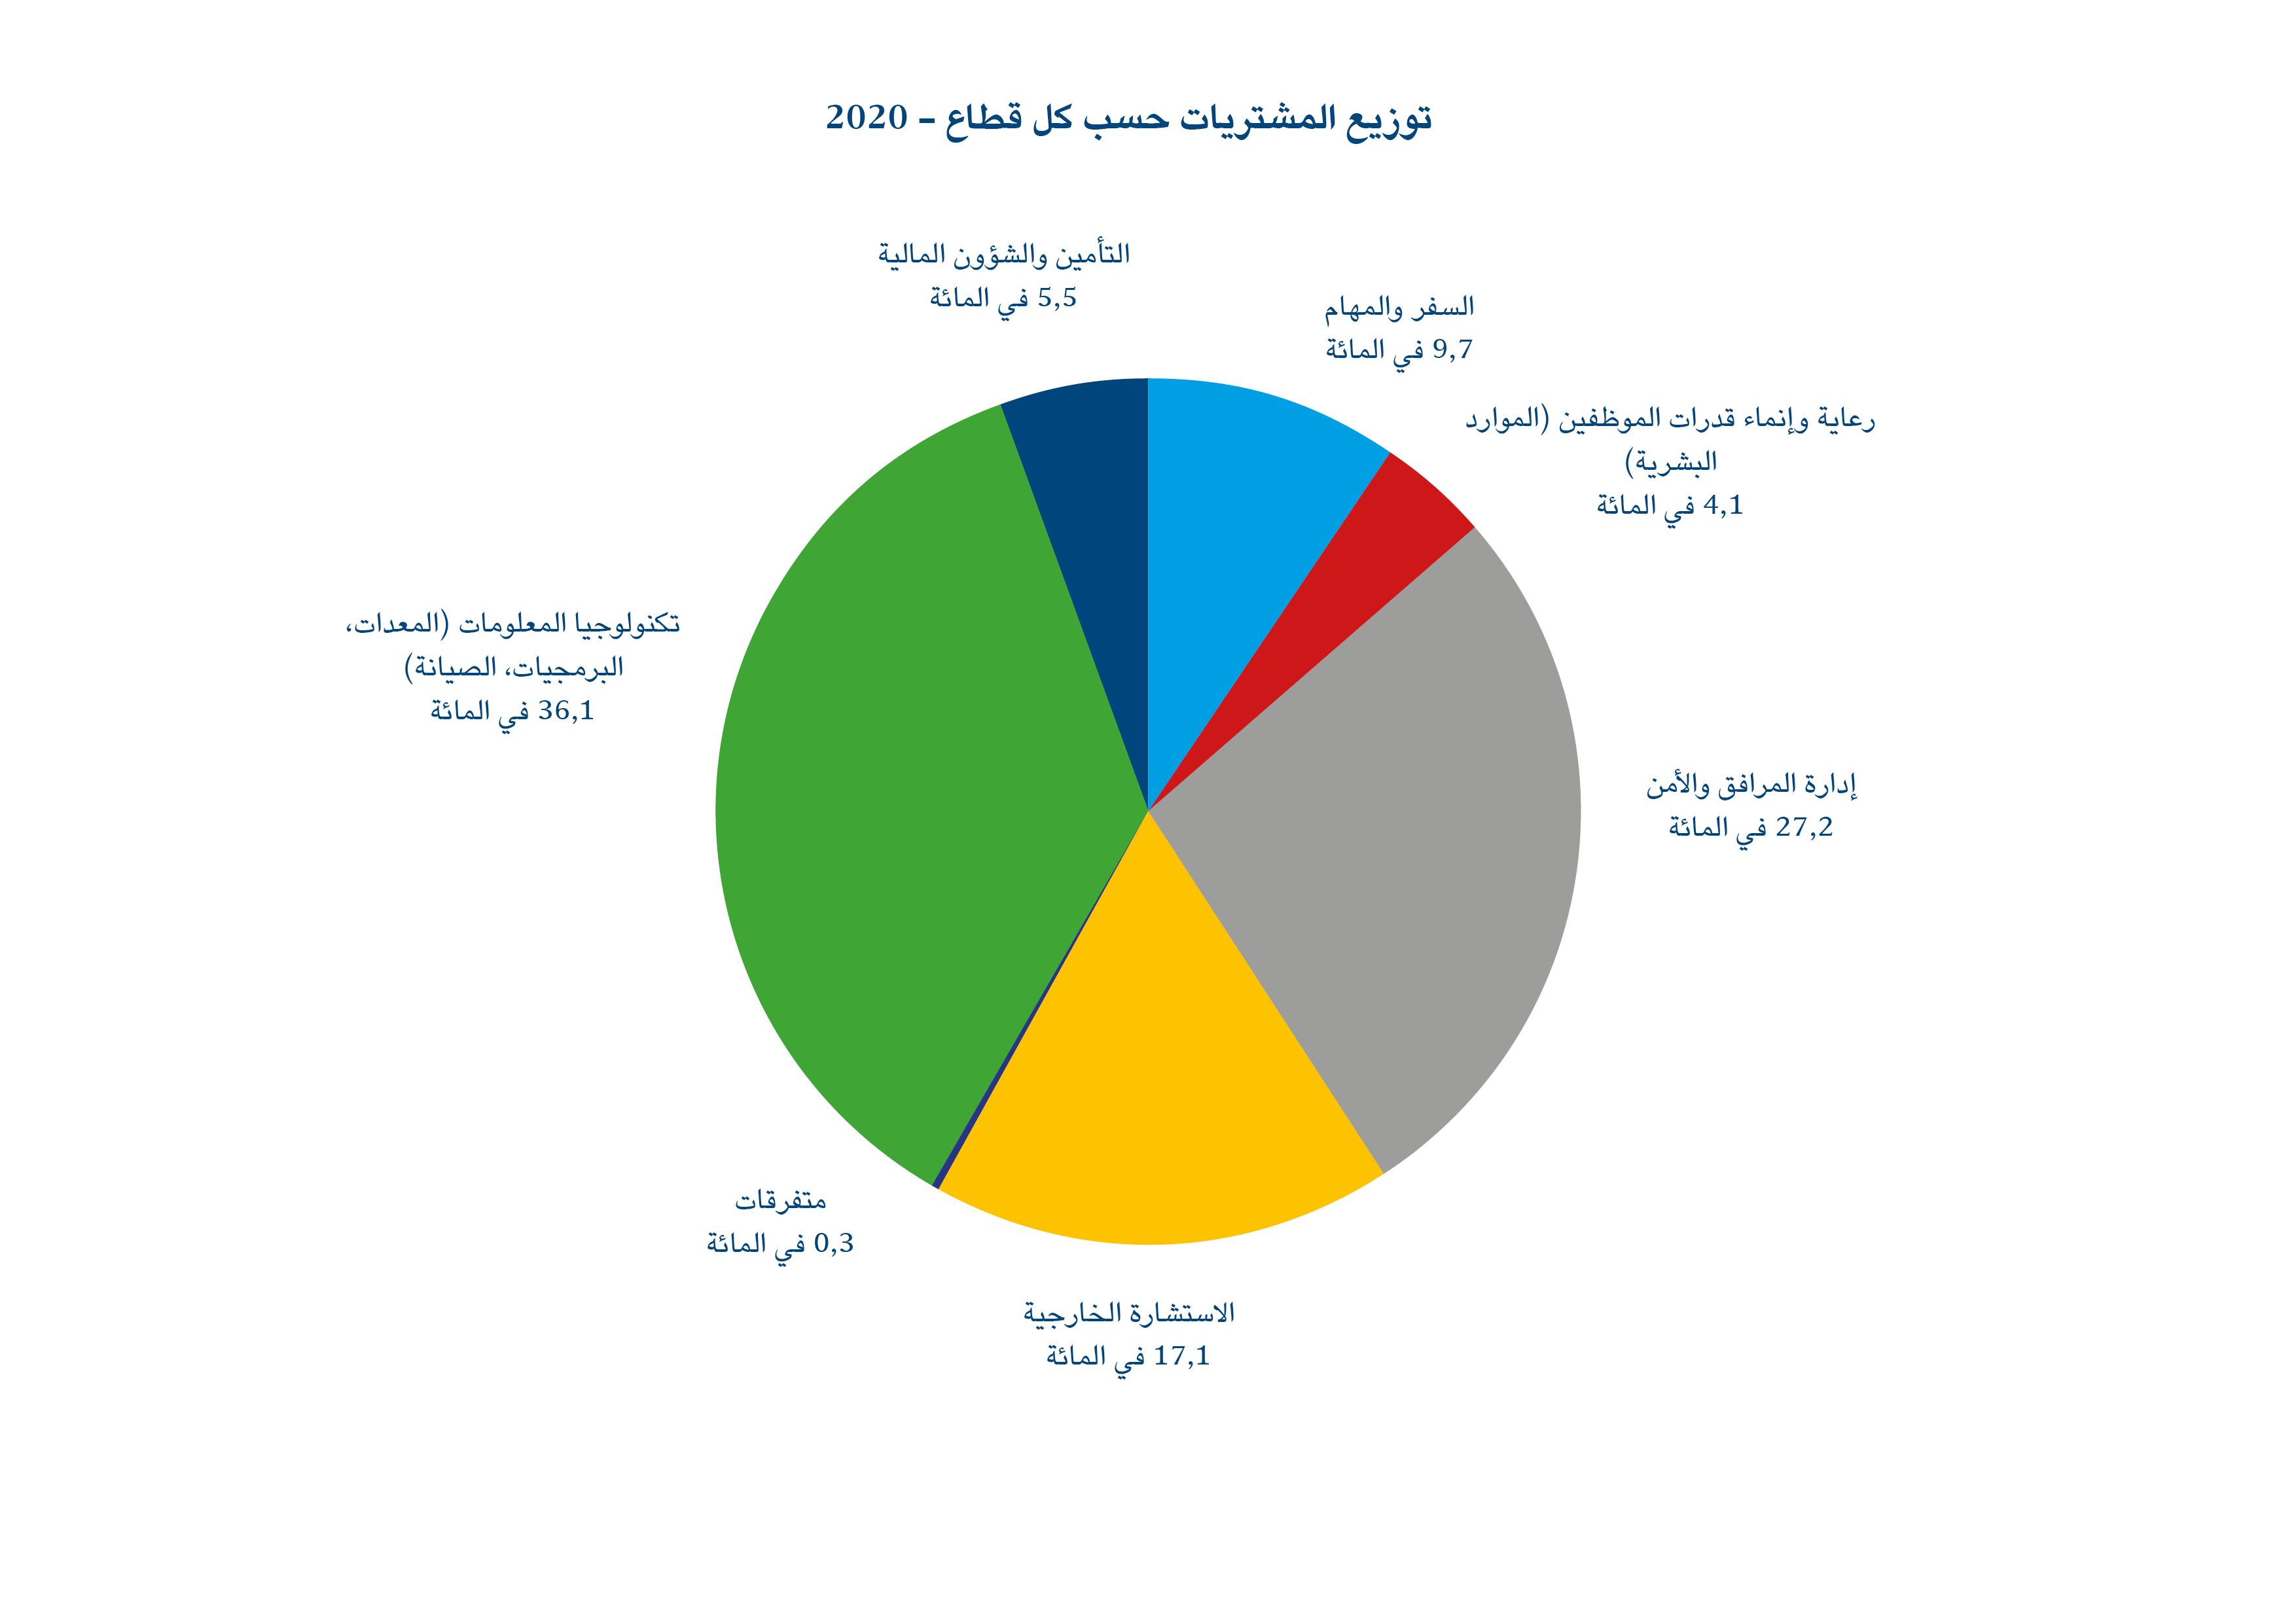 توزيع المشتريات حسب كل قطاع - 2020